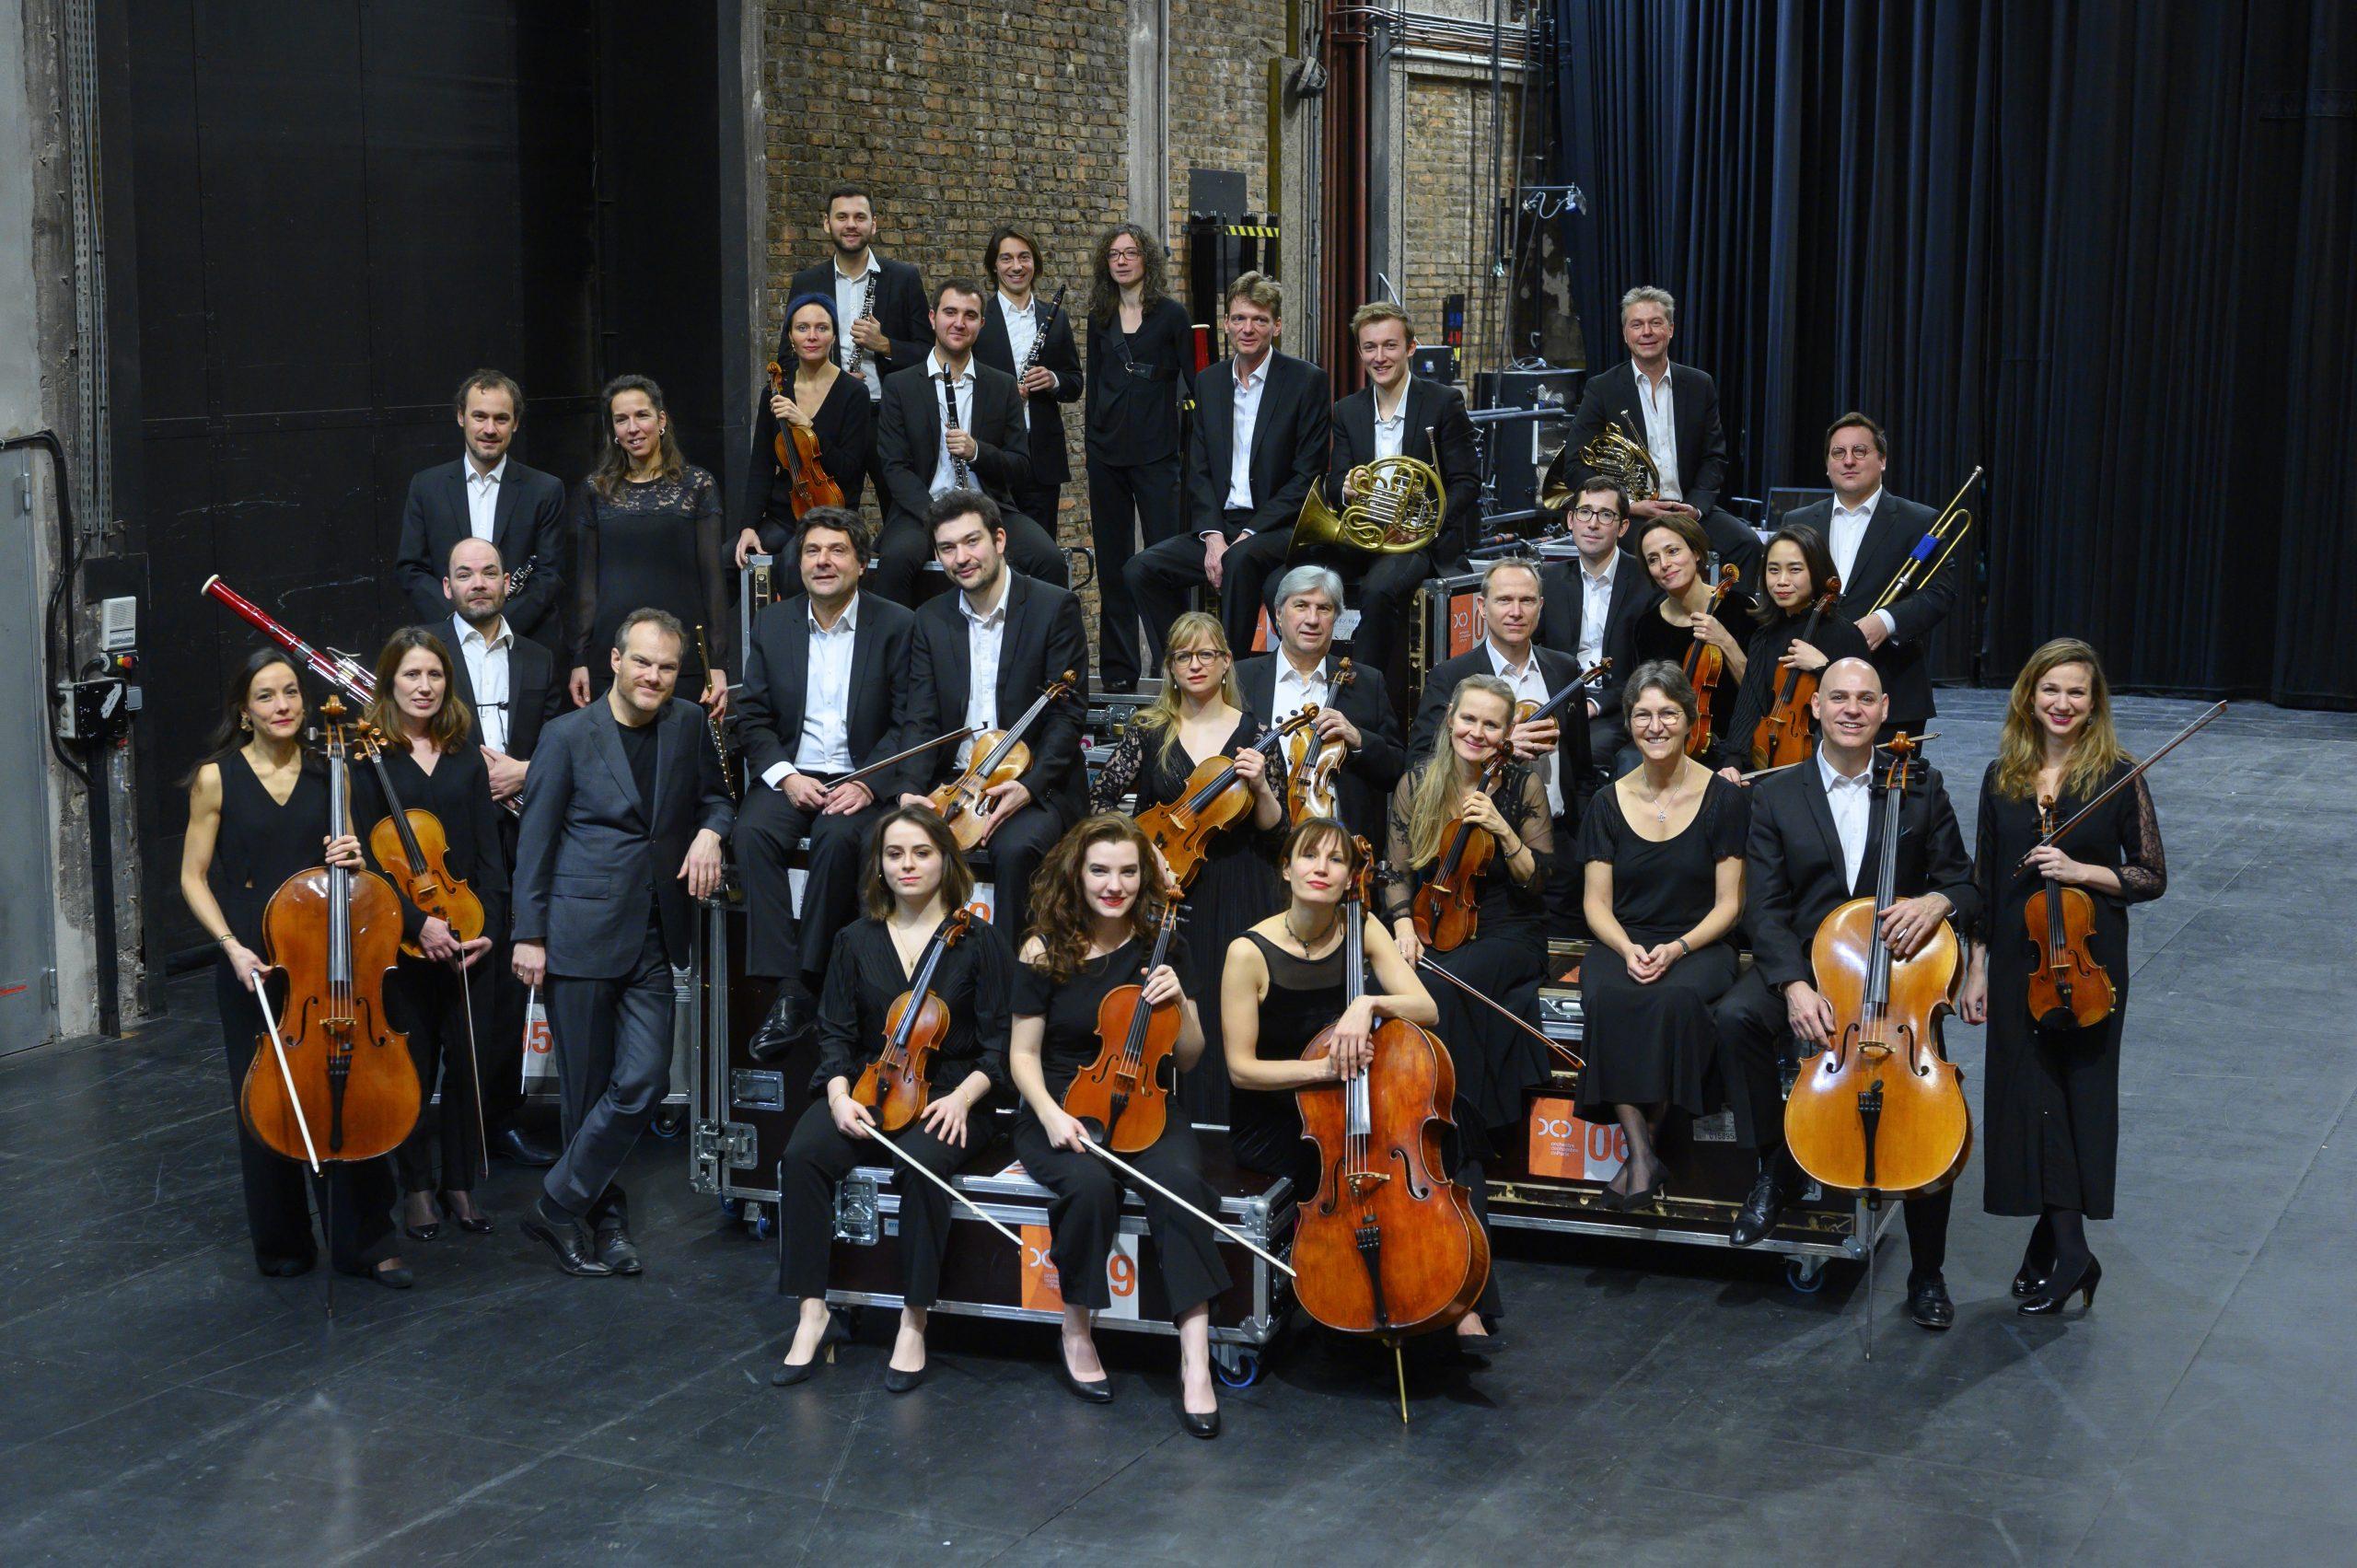 L'Orchestre de chambre de Paris et son directeur musical Lars Vogt © JB Pellerin